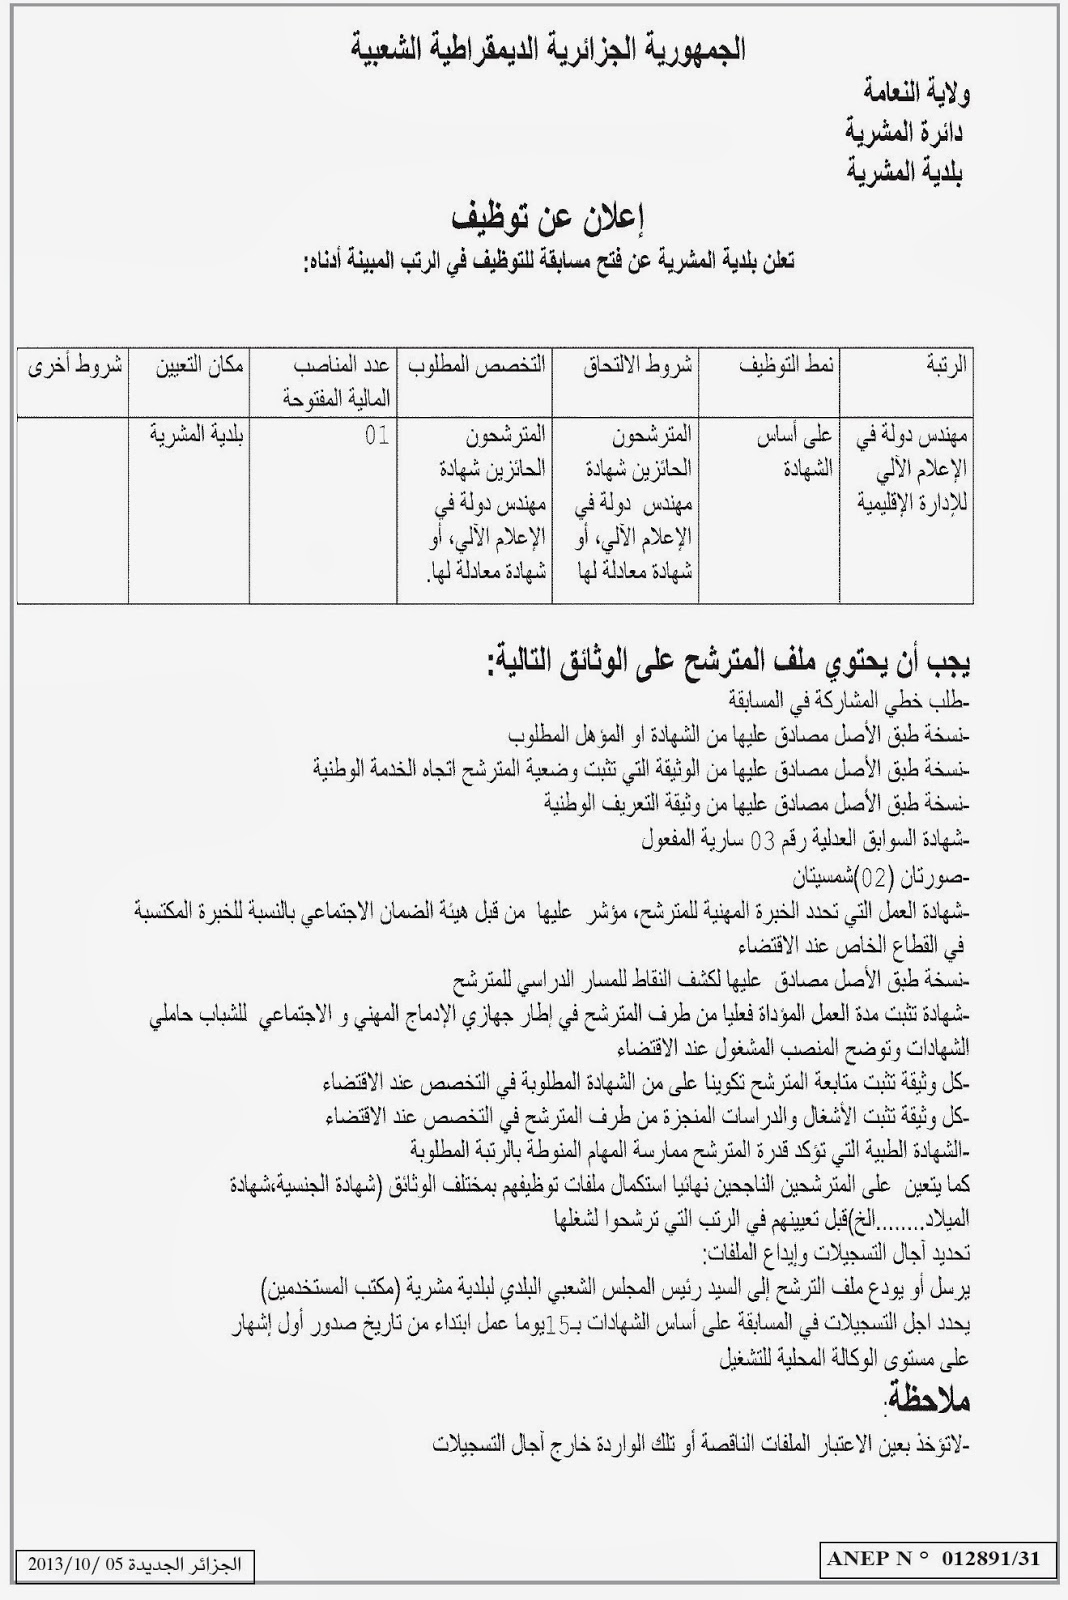 التوظيف في الجزائر : مسابقة توظيف في المشرية ولاية النعامة أكتوبر 2013 %D8%AA%D9%88%D8%B8%D9%8A%D9%81+%D9%81%D9%8A+%D8%A7%D9%84%D9%85%D8%B4%D8%B1%D9%8A%D8%A9+2013-2014